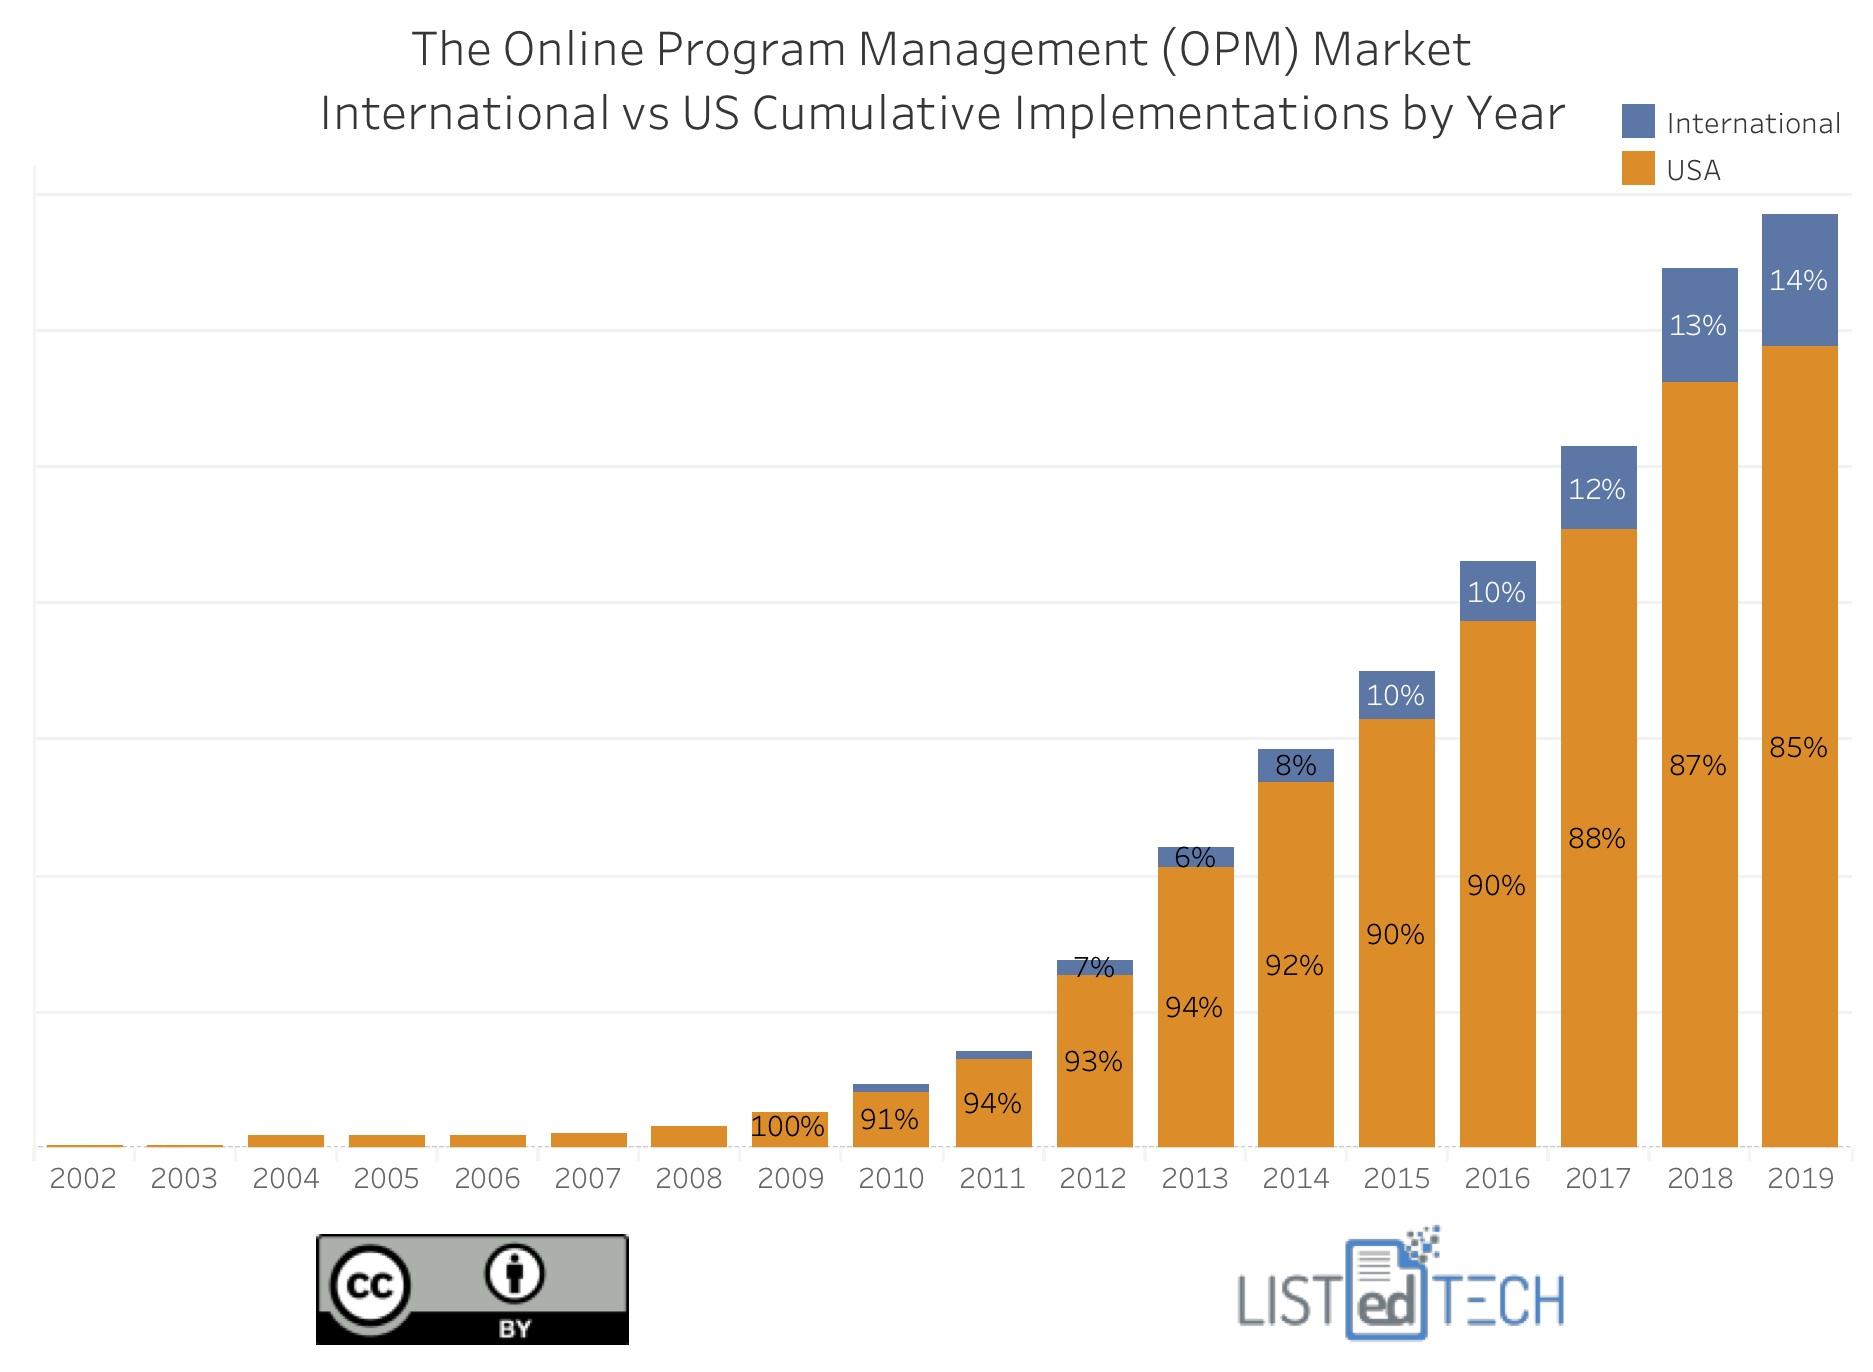 OPM Market International vs US Cumulative - LisTedTECH